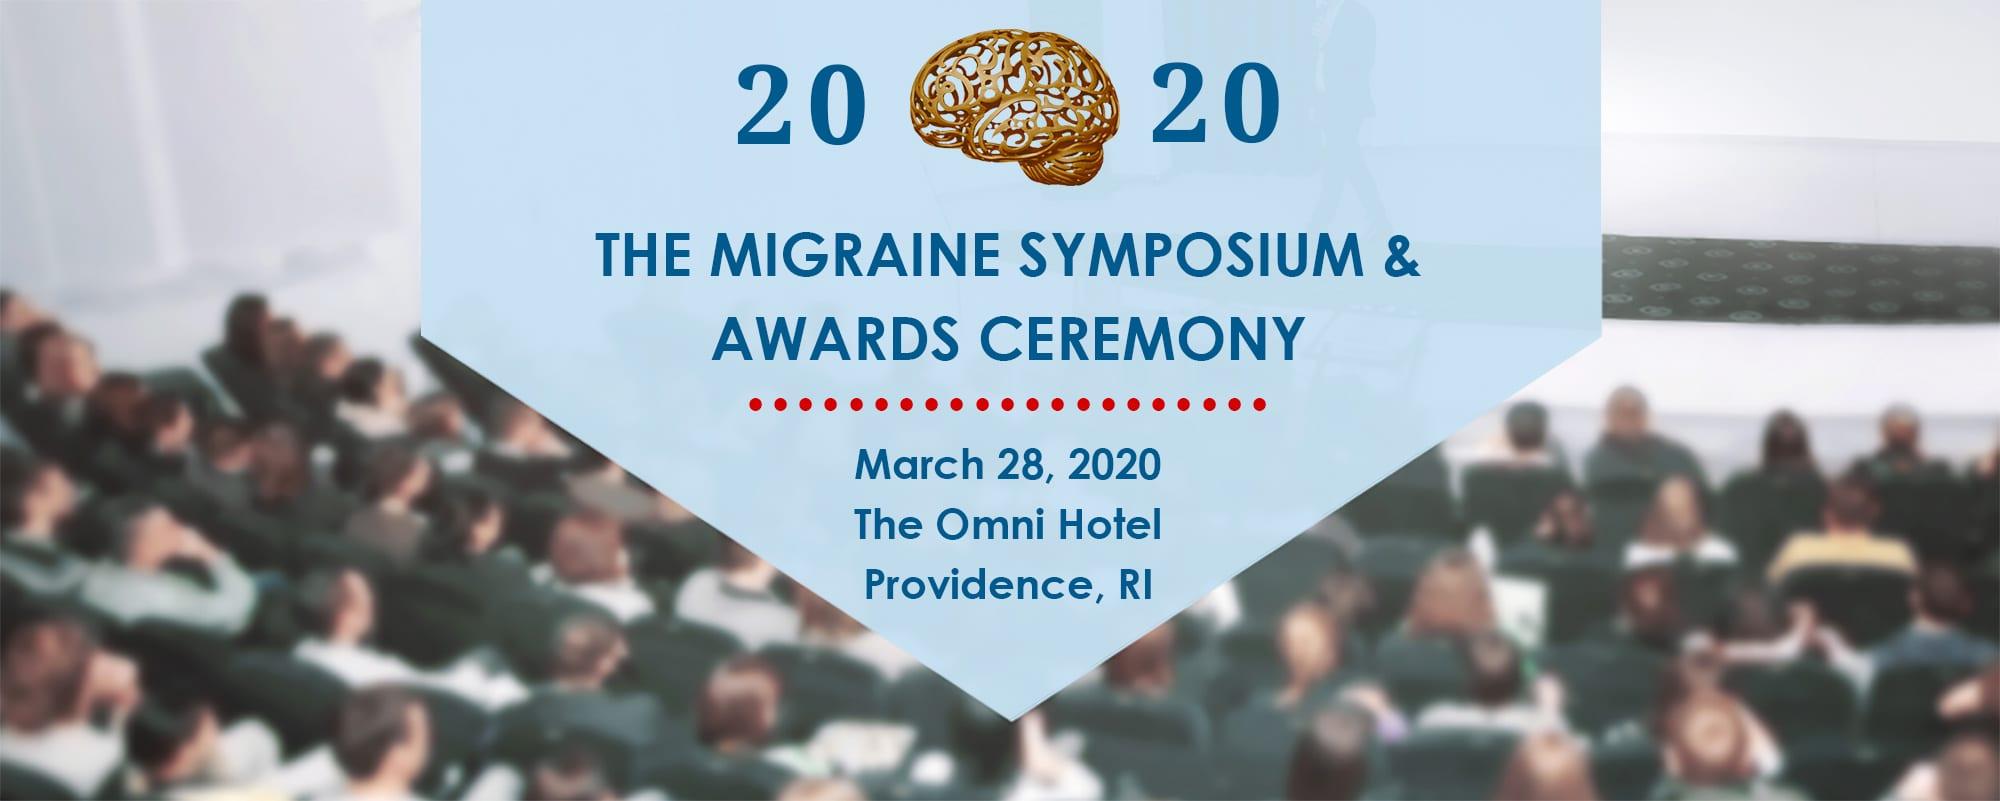 The Migraine Symposium & Awards Ceremony 2020